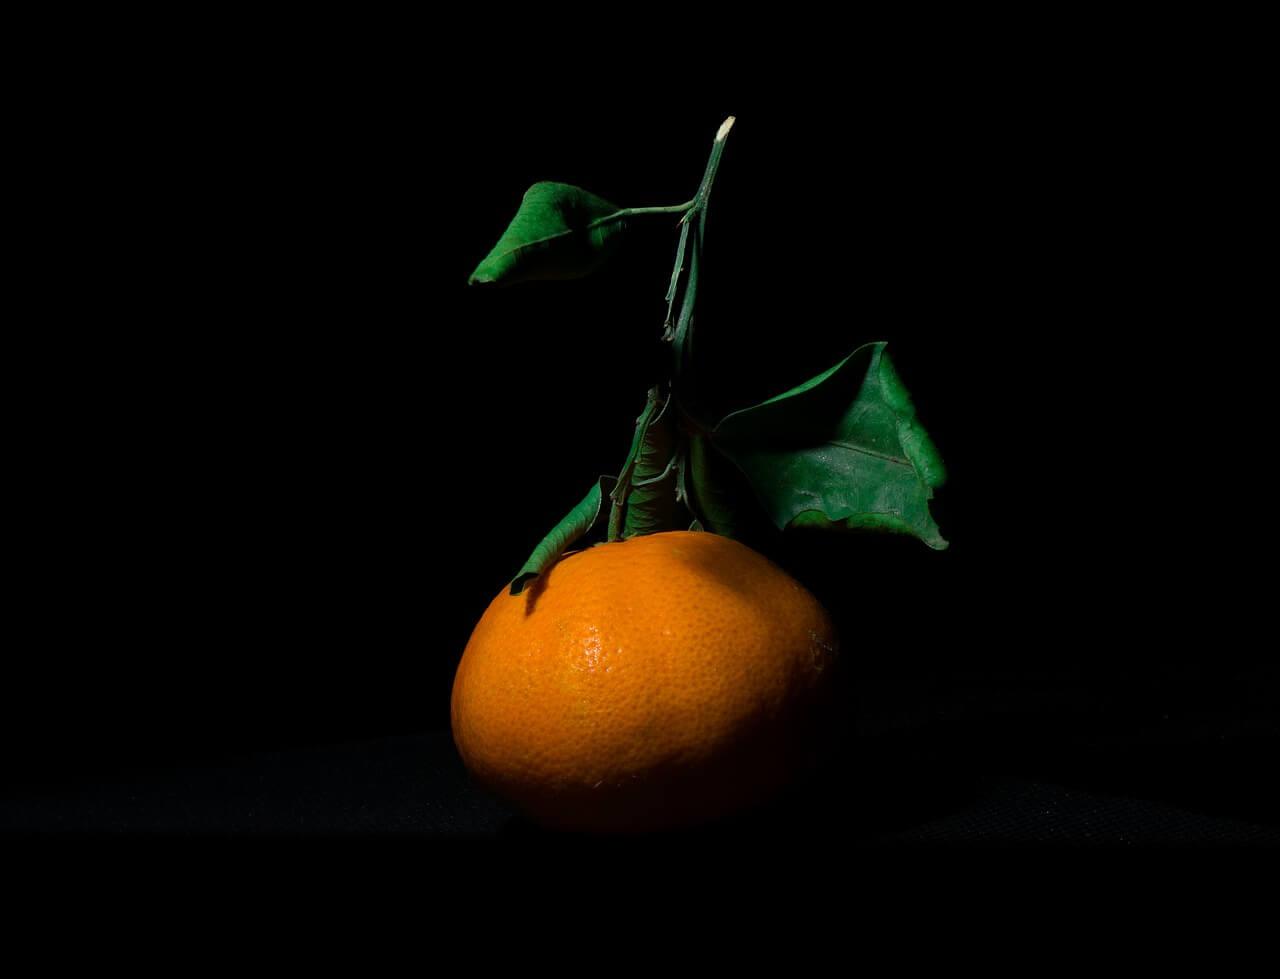 Клопы уничтожили половину урожая абхазских мандаринов